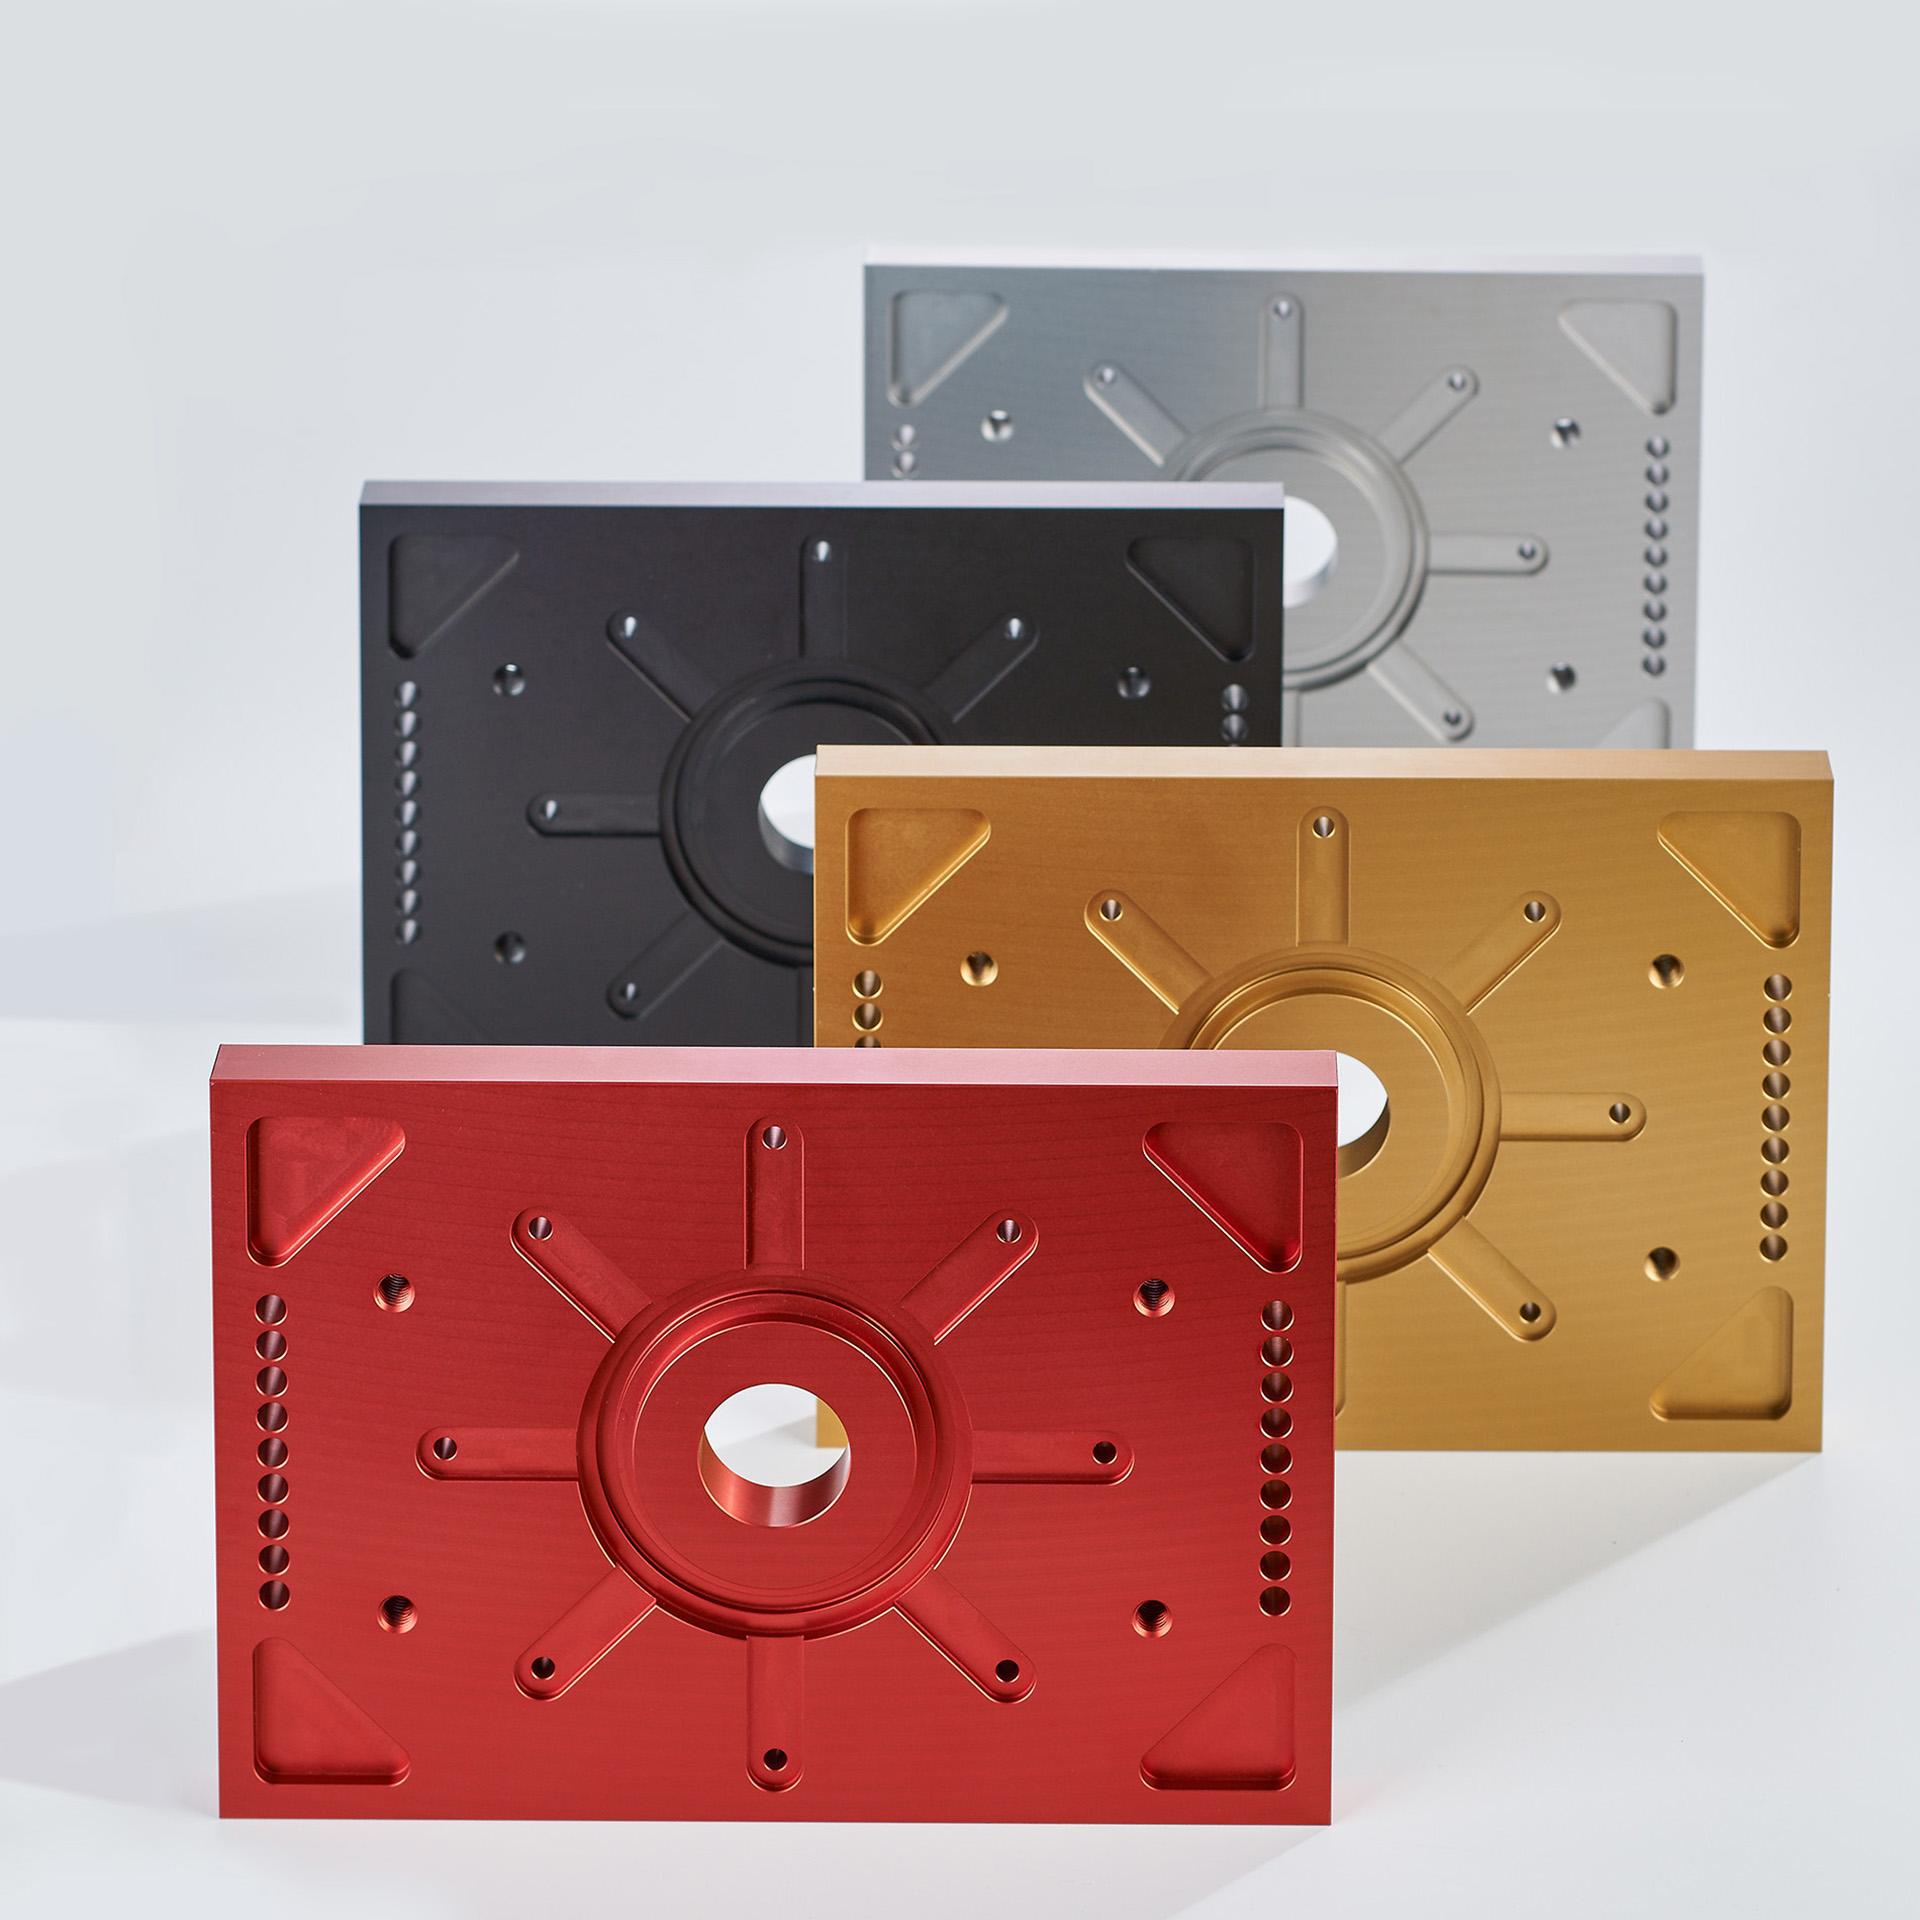 Fotodesign-matthias-schütz-aluminium